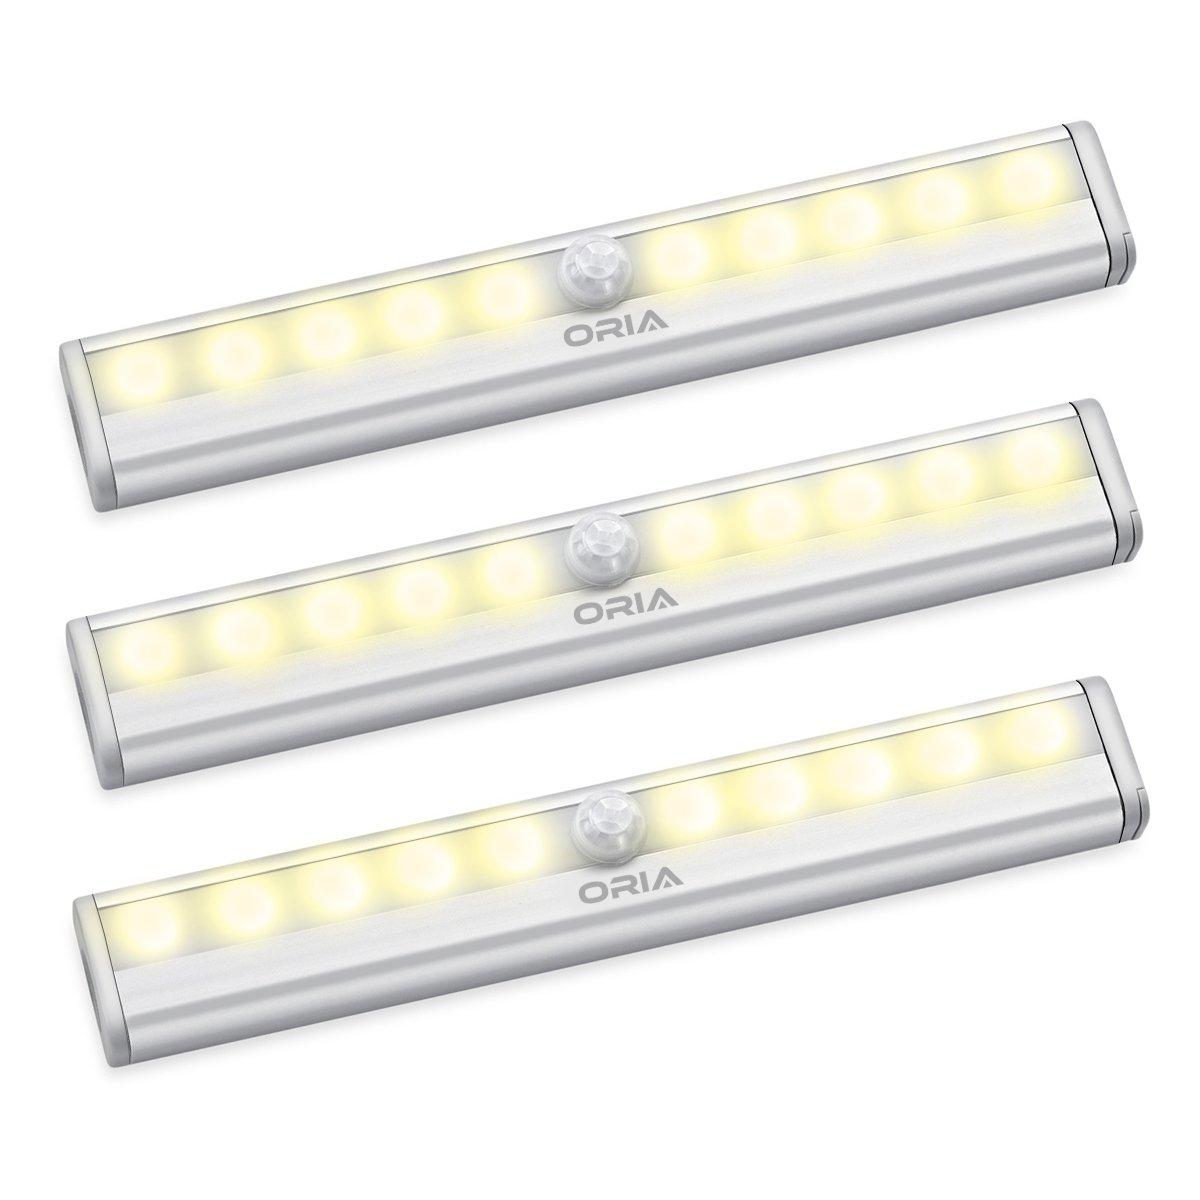 ORIA Schrankbeleuchtung Licht, 3er Pack Nachtlicht mit Bewegungsmelder Sensor Schrank Licht, Bewegungsmelder Nachtlicht Schranklampe mit 10 LED und Magnetstreifen, Auto ON/OFF Licht Schrank Licht für Küche,Korridor,Garderobe, etc - Gelb